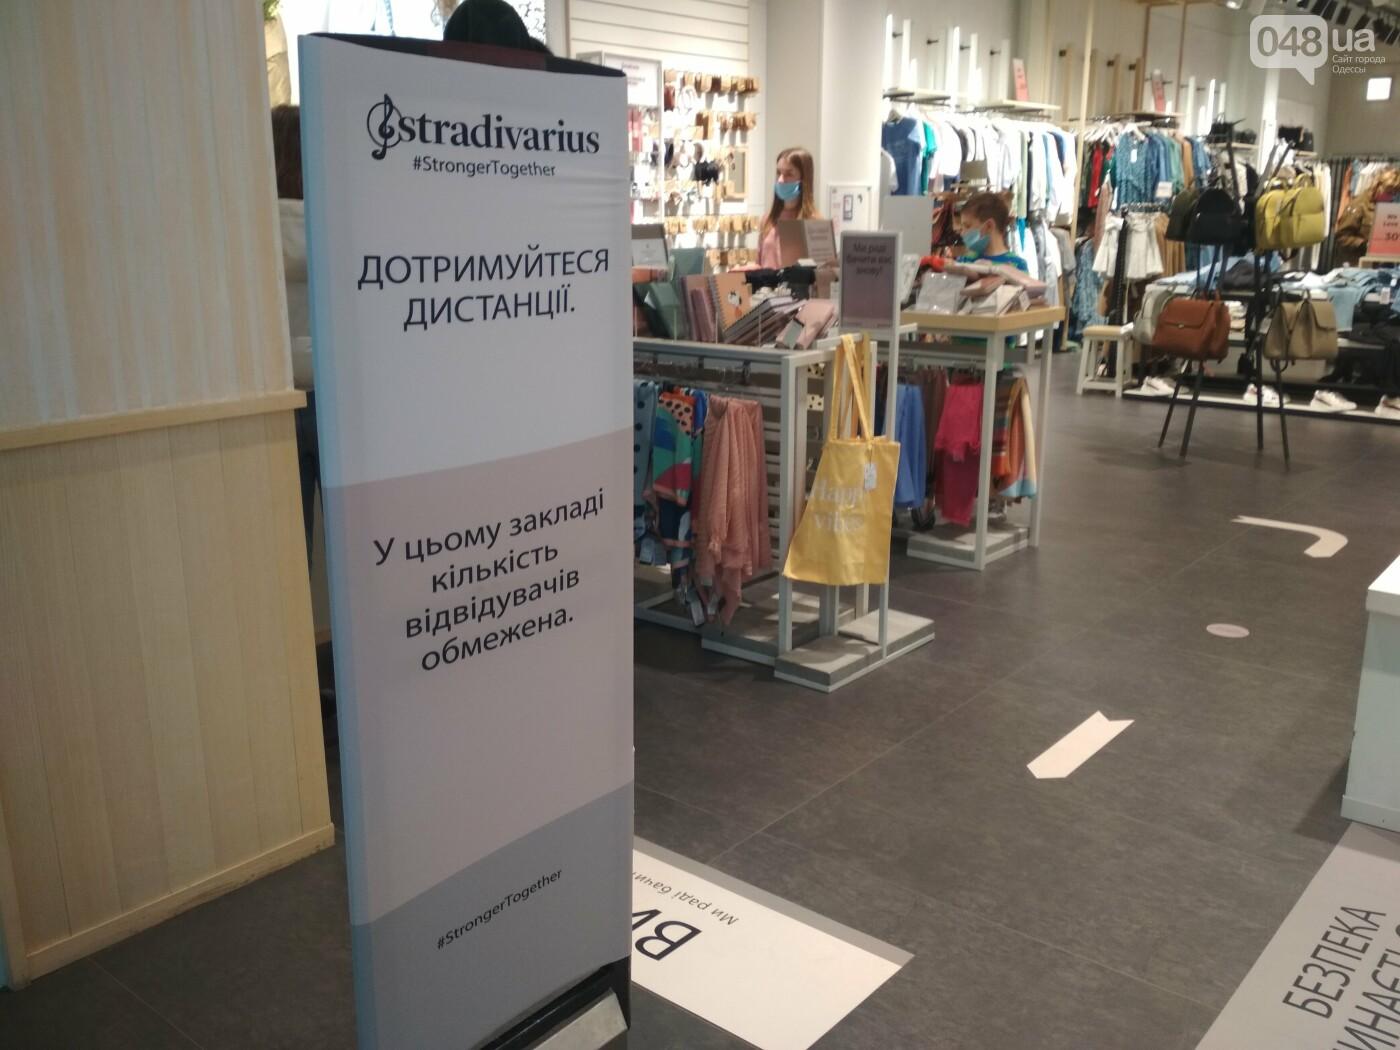 """Карантин и торговые центры Одессы: как работает """"Ривьера"""" в условиях ограничений, - ФОТО, фото-2"""